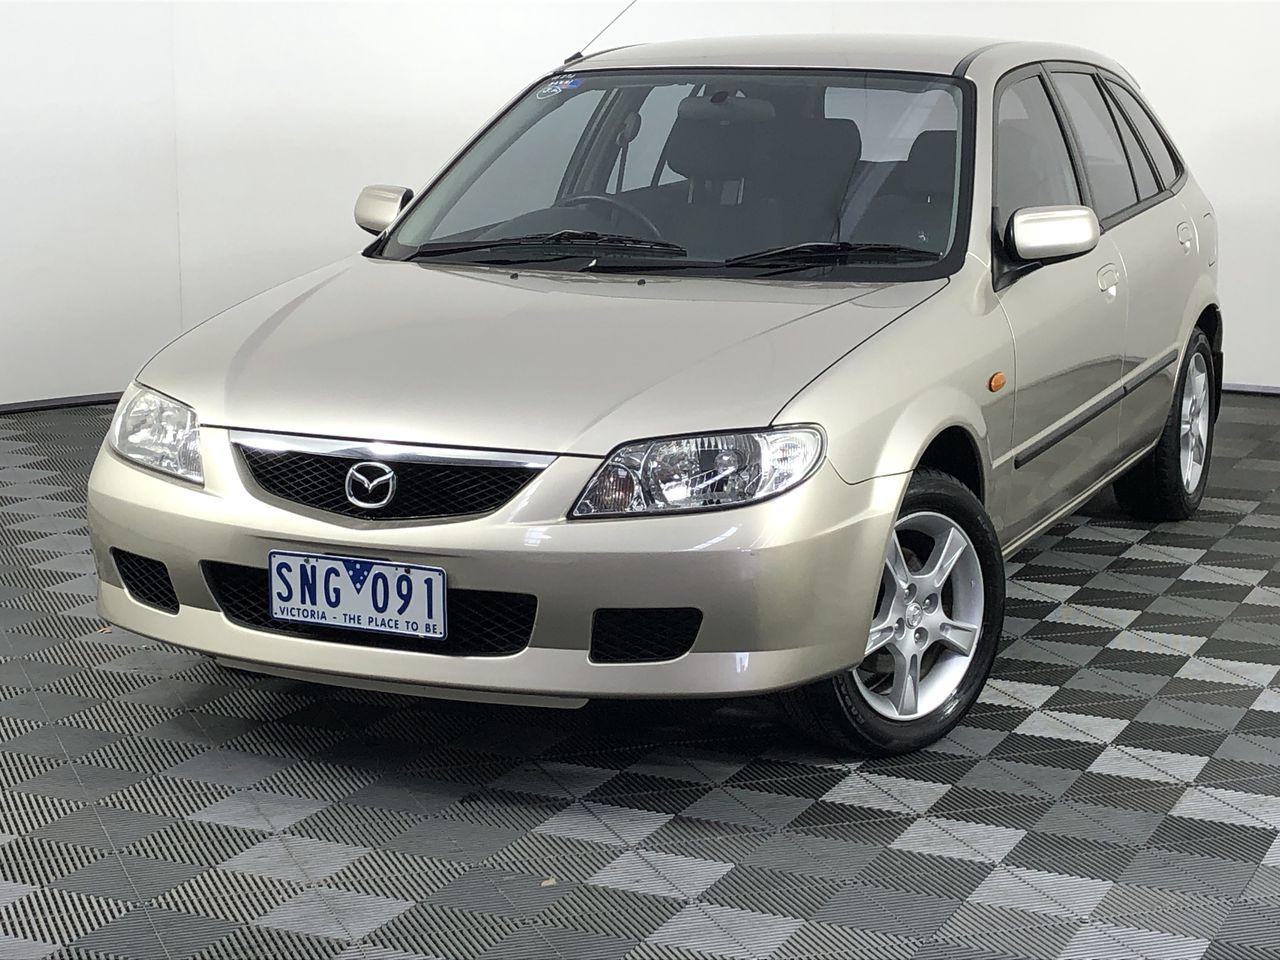 2003 Mazda 323 Astina Shades BJ Manual Hatchback